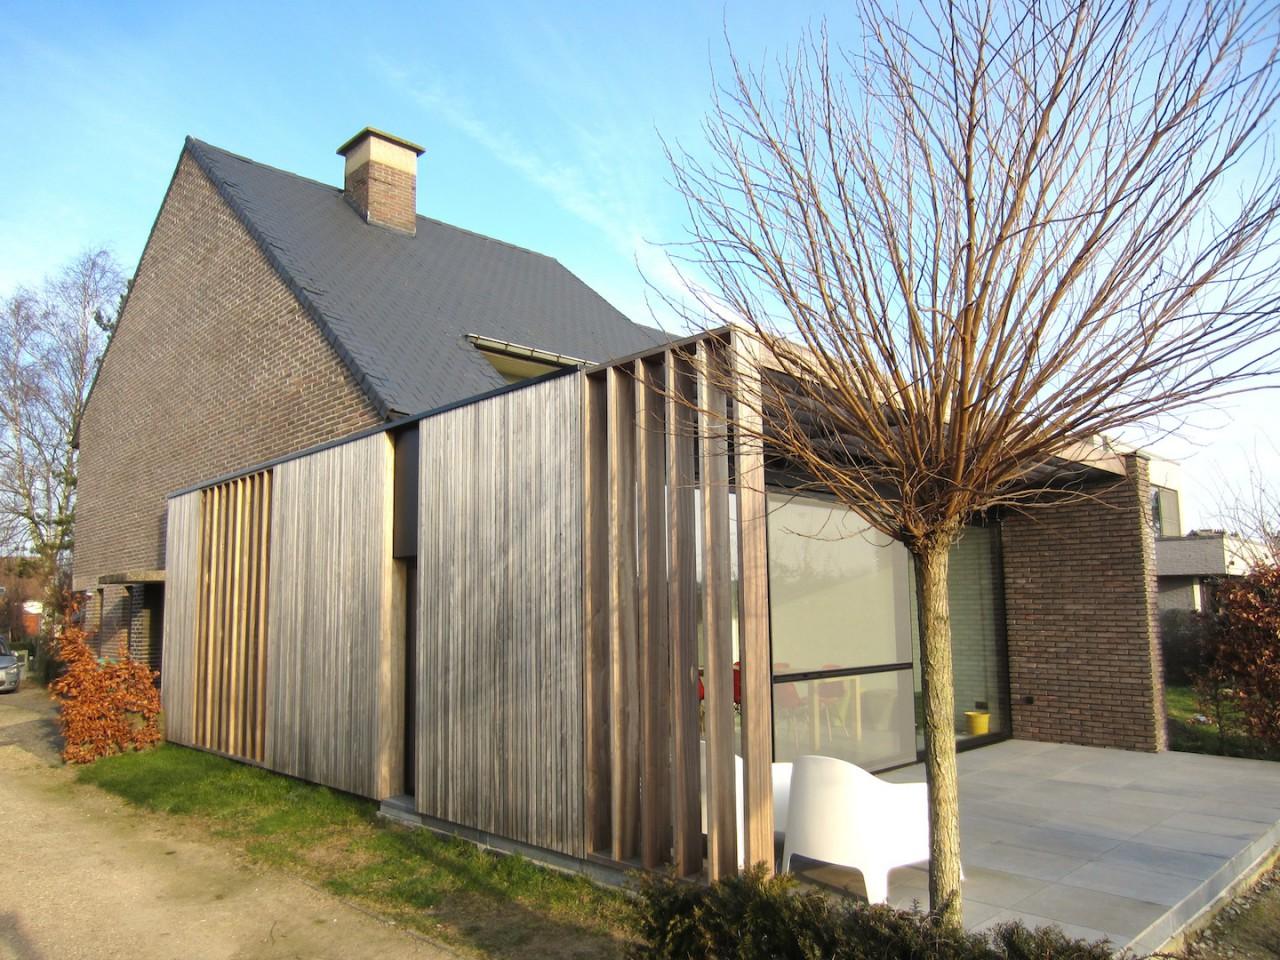 Uitbreiding Aan Huis : Uitbreiding huis bart vanwassenhove architecten